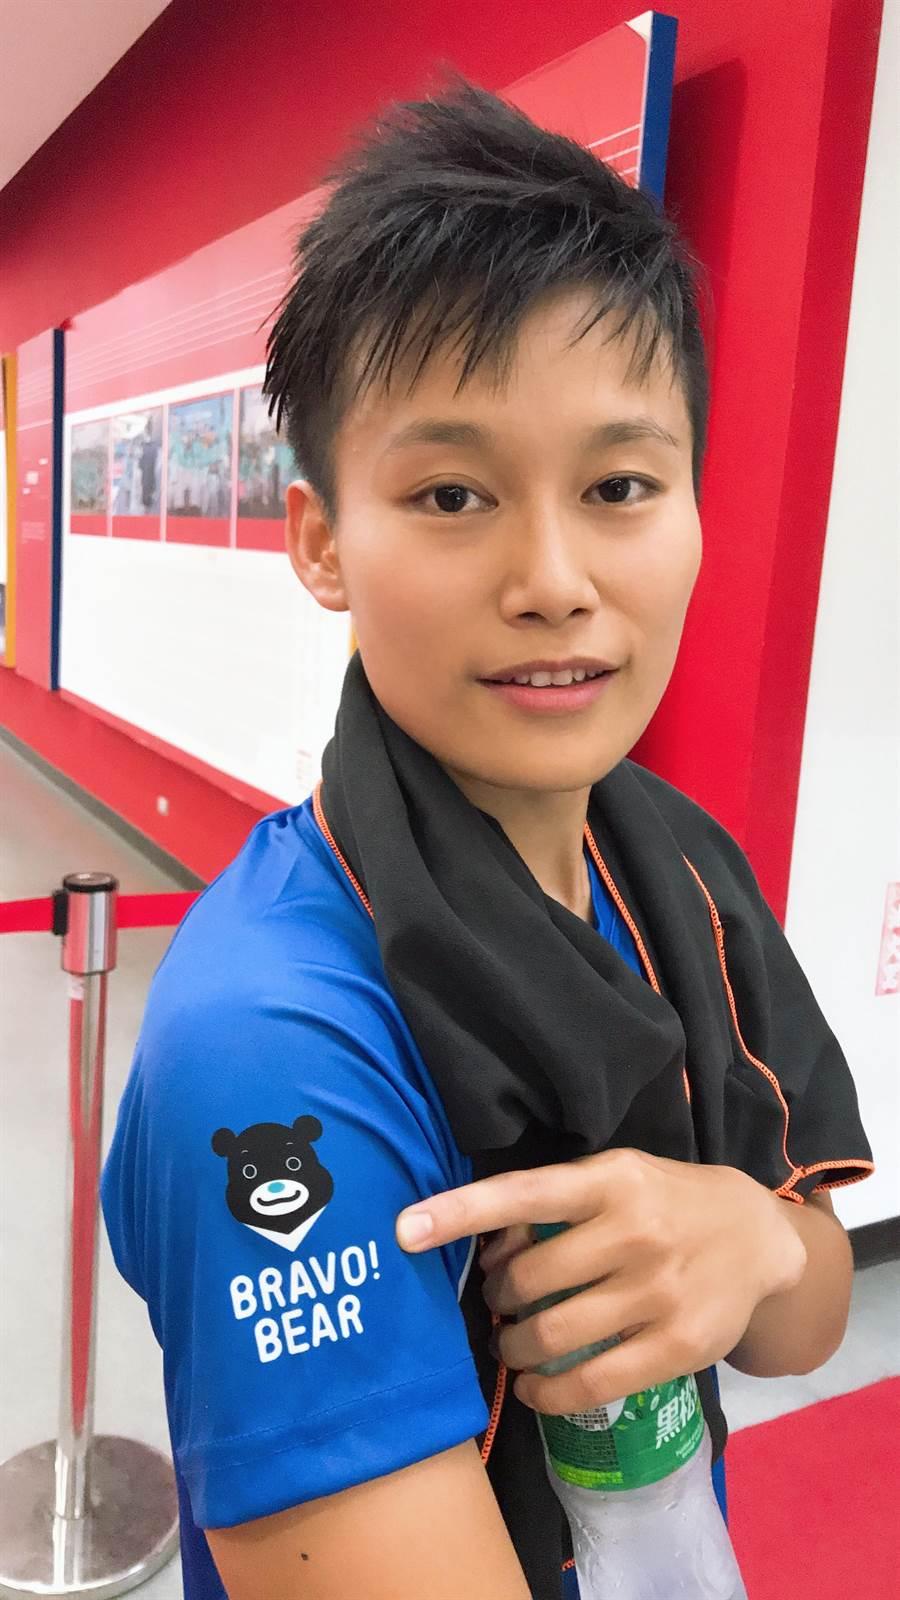 台北熊讚前鋒林雅惠秀出球衣右臂上的熊讚隊徽。(李弘斌攝)